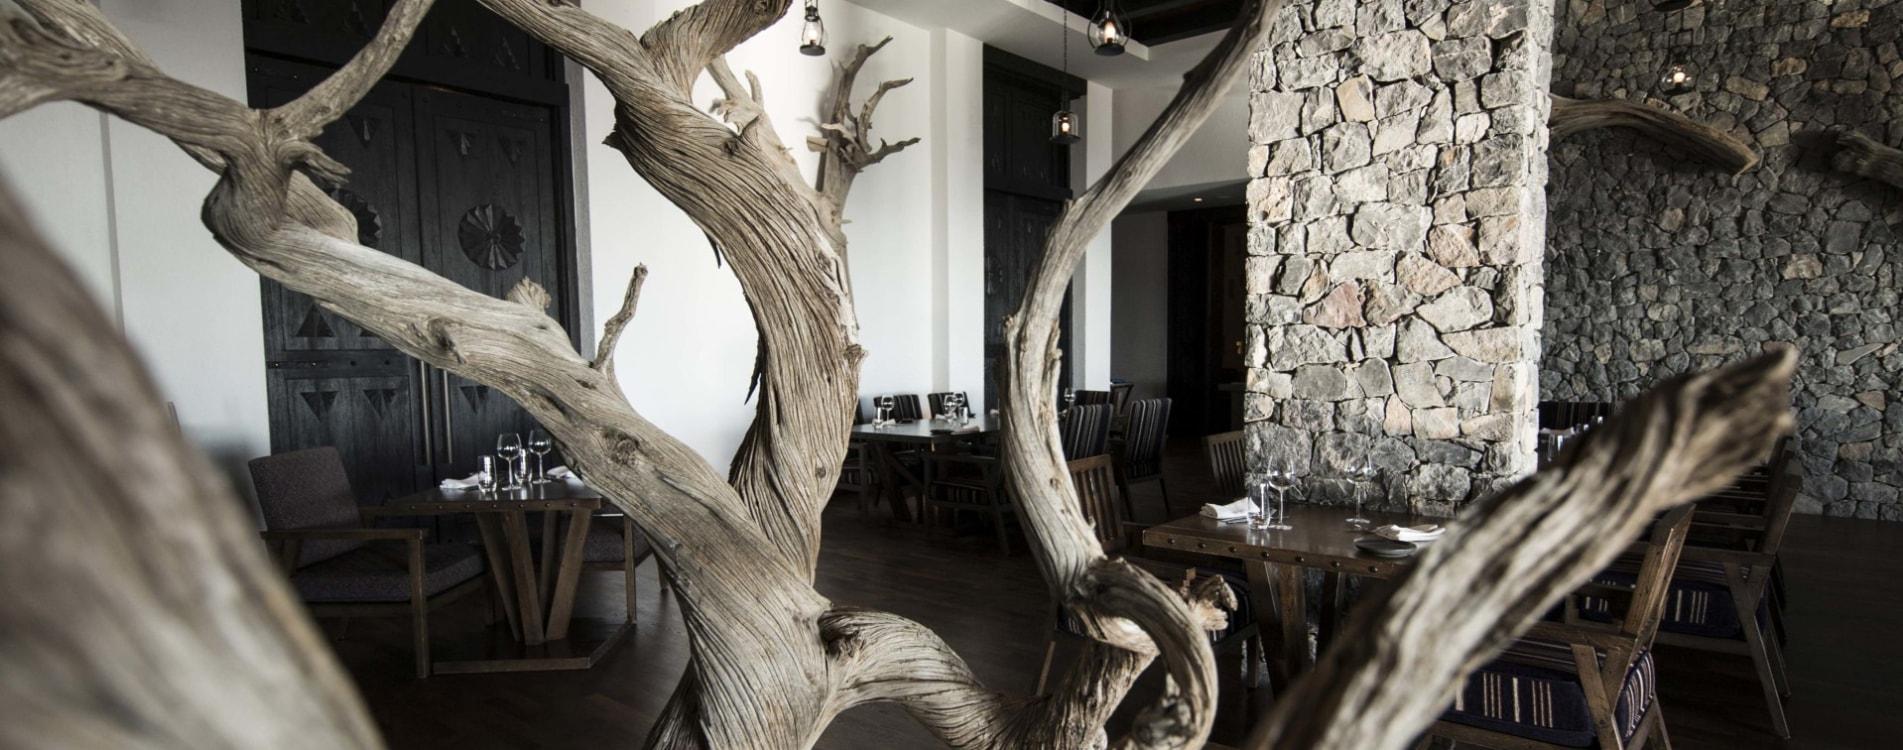 Alila-Jabal-Akhdar-Restaurant-Juniper-Interior-Details-Oman.jpg